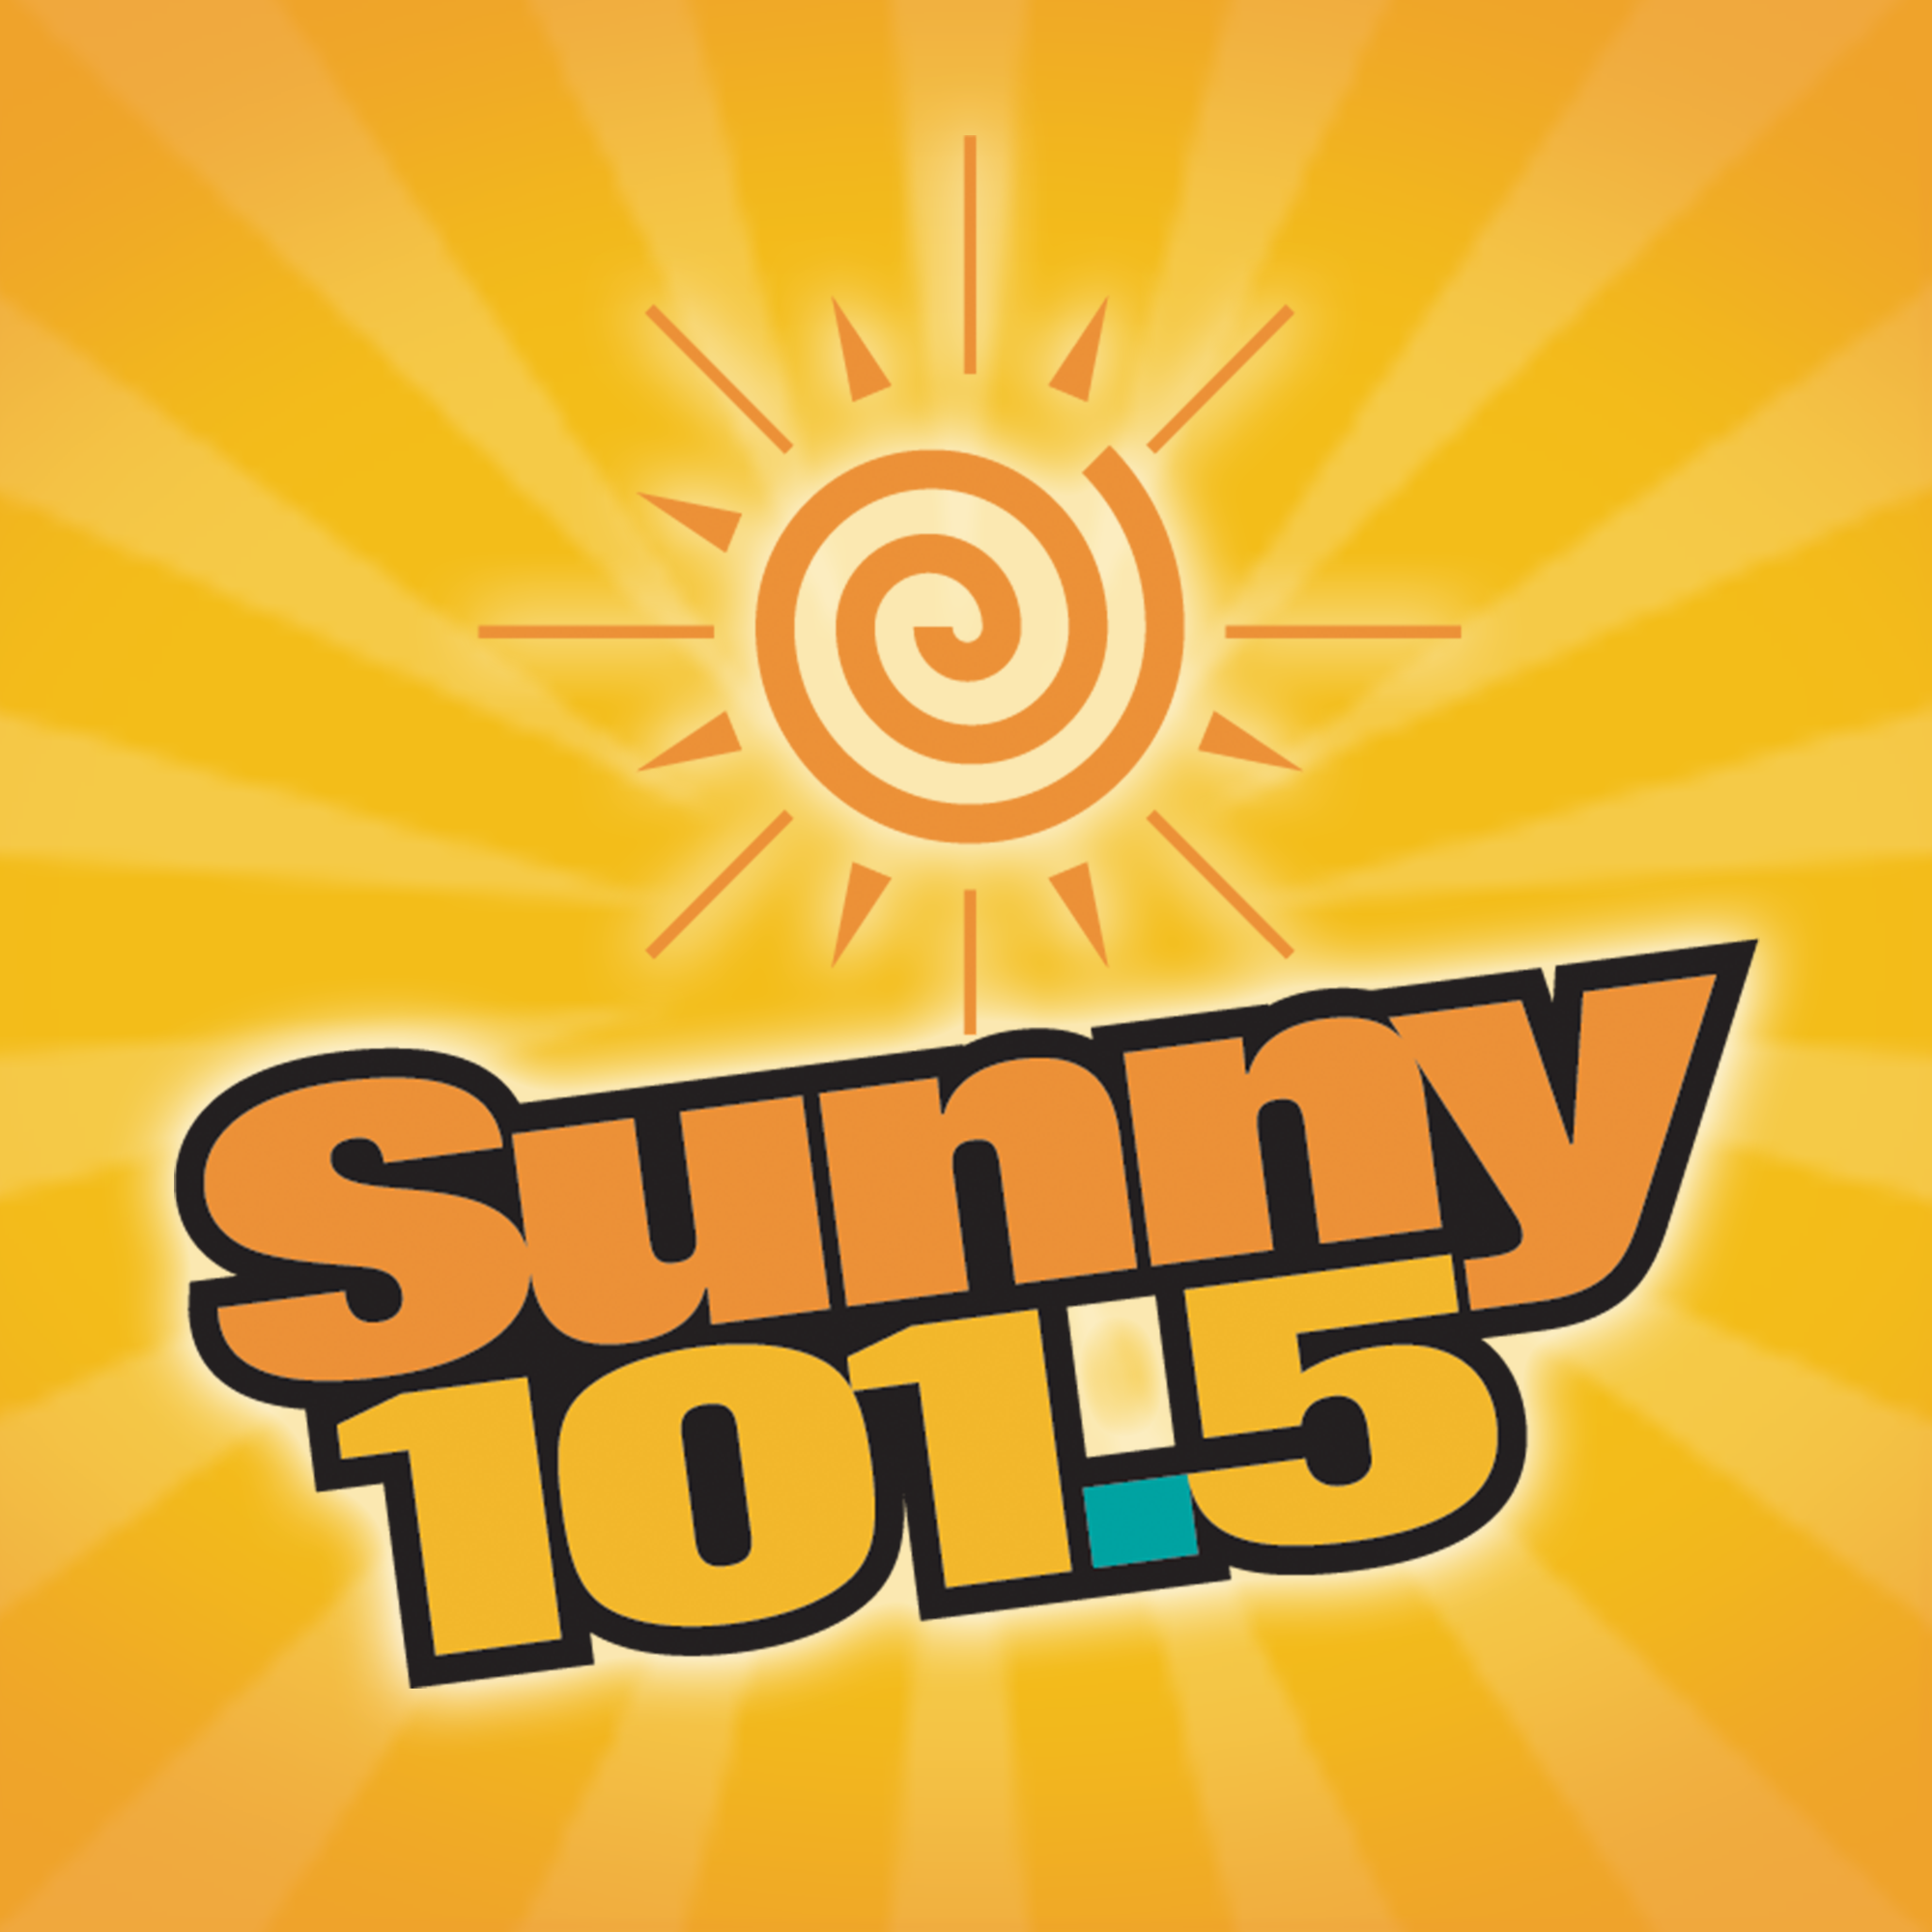 Sunny 101.5